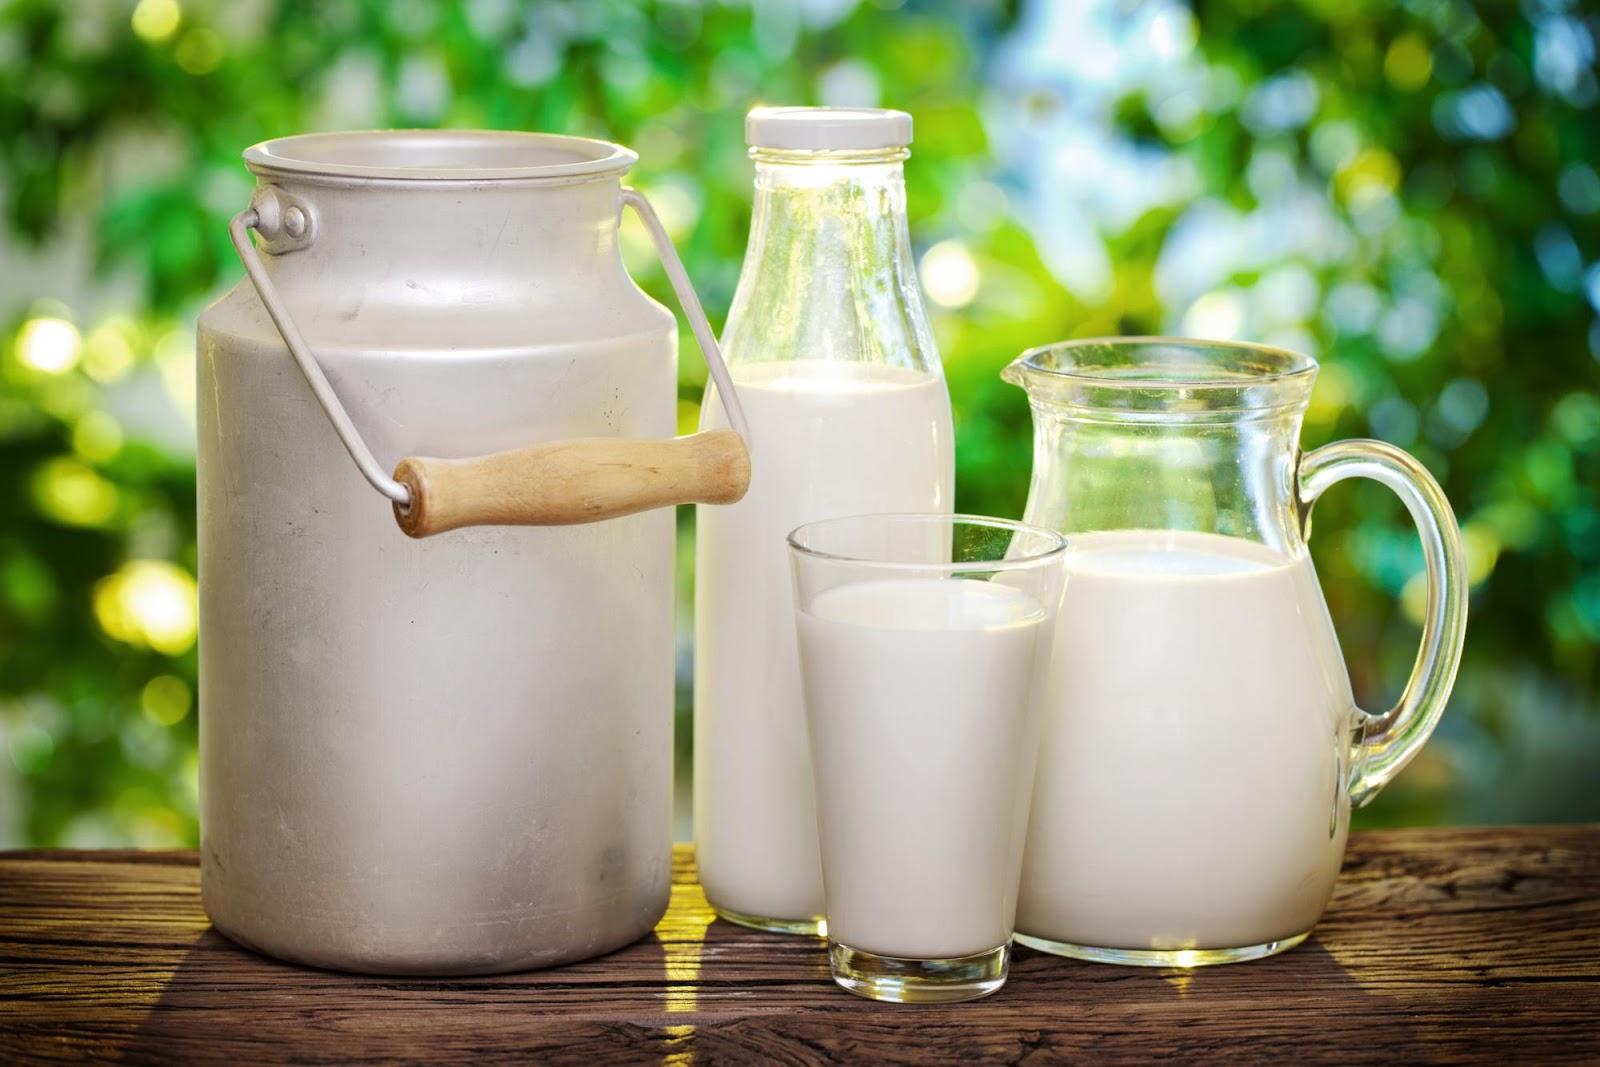 أيهما أفضل الحليب خالي الدسم و الحليب كامل الدسم لكمال الأجسام كمال اجسام عالم عرب